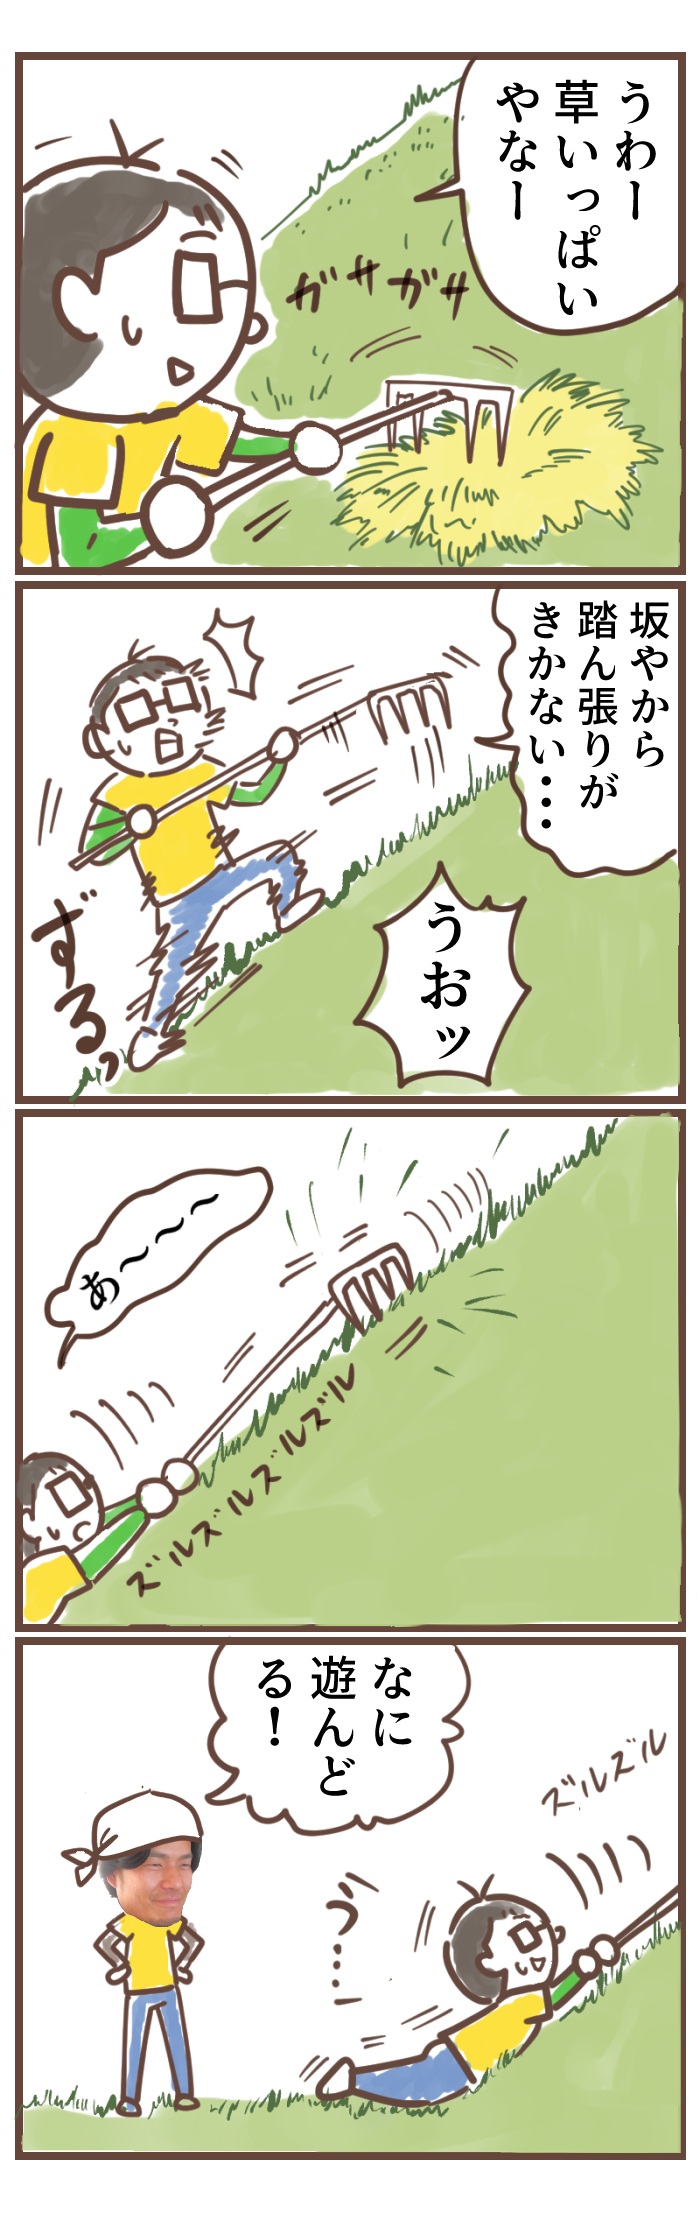 草をかき集めている漫画